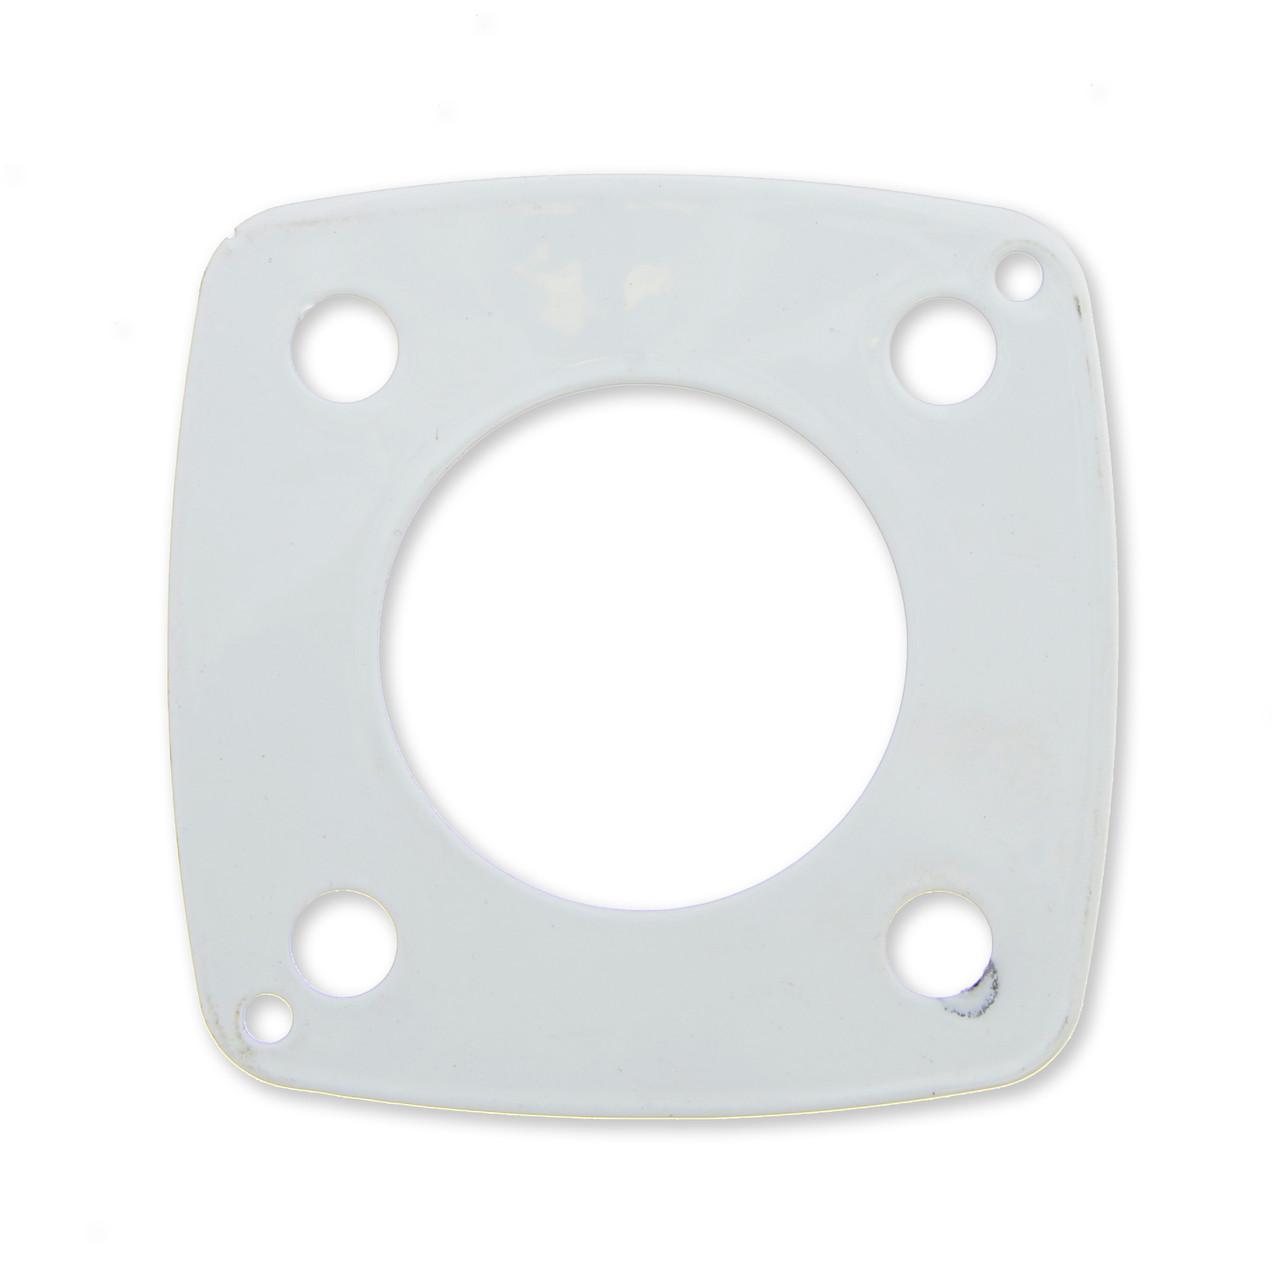 Let's Bounce Peg Base Plate Bottom (PG1-FM-085-R0)